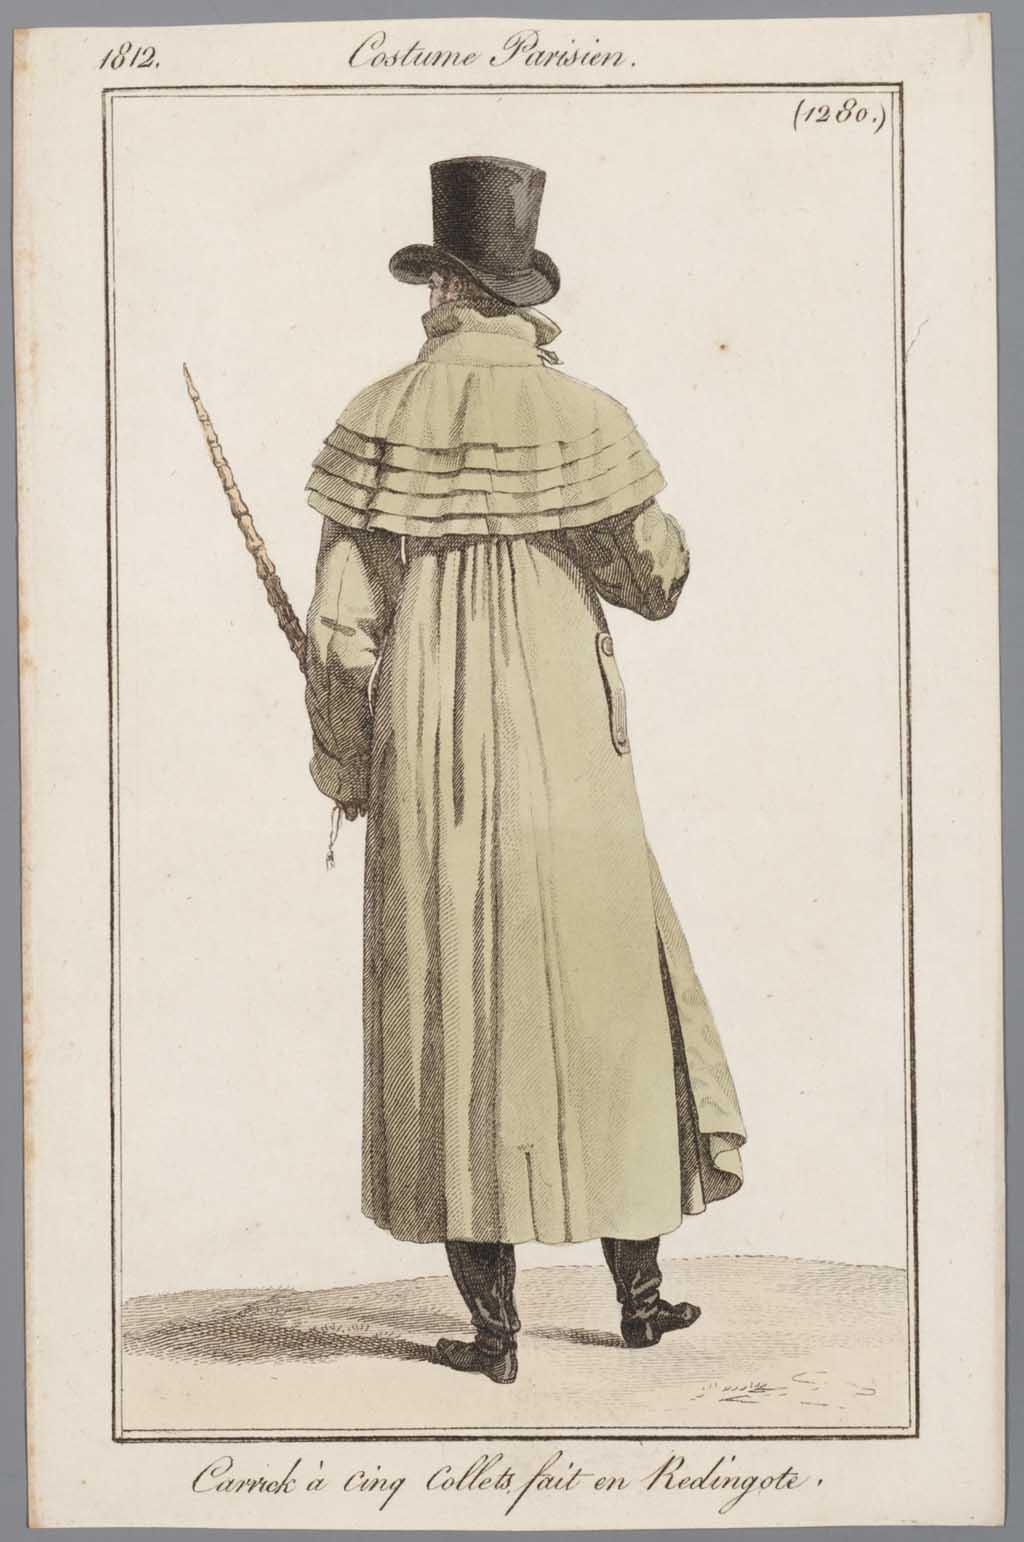 Costume Parisien, nr. 1280: Carrick à cinq Collets fait en Redingote